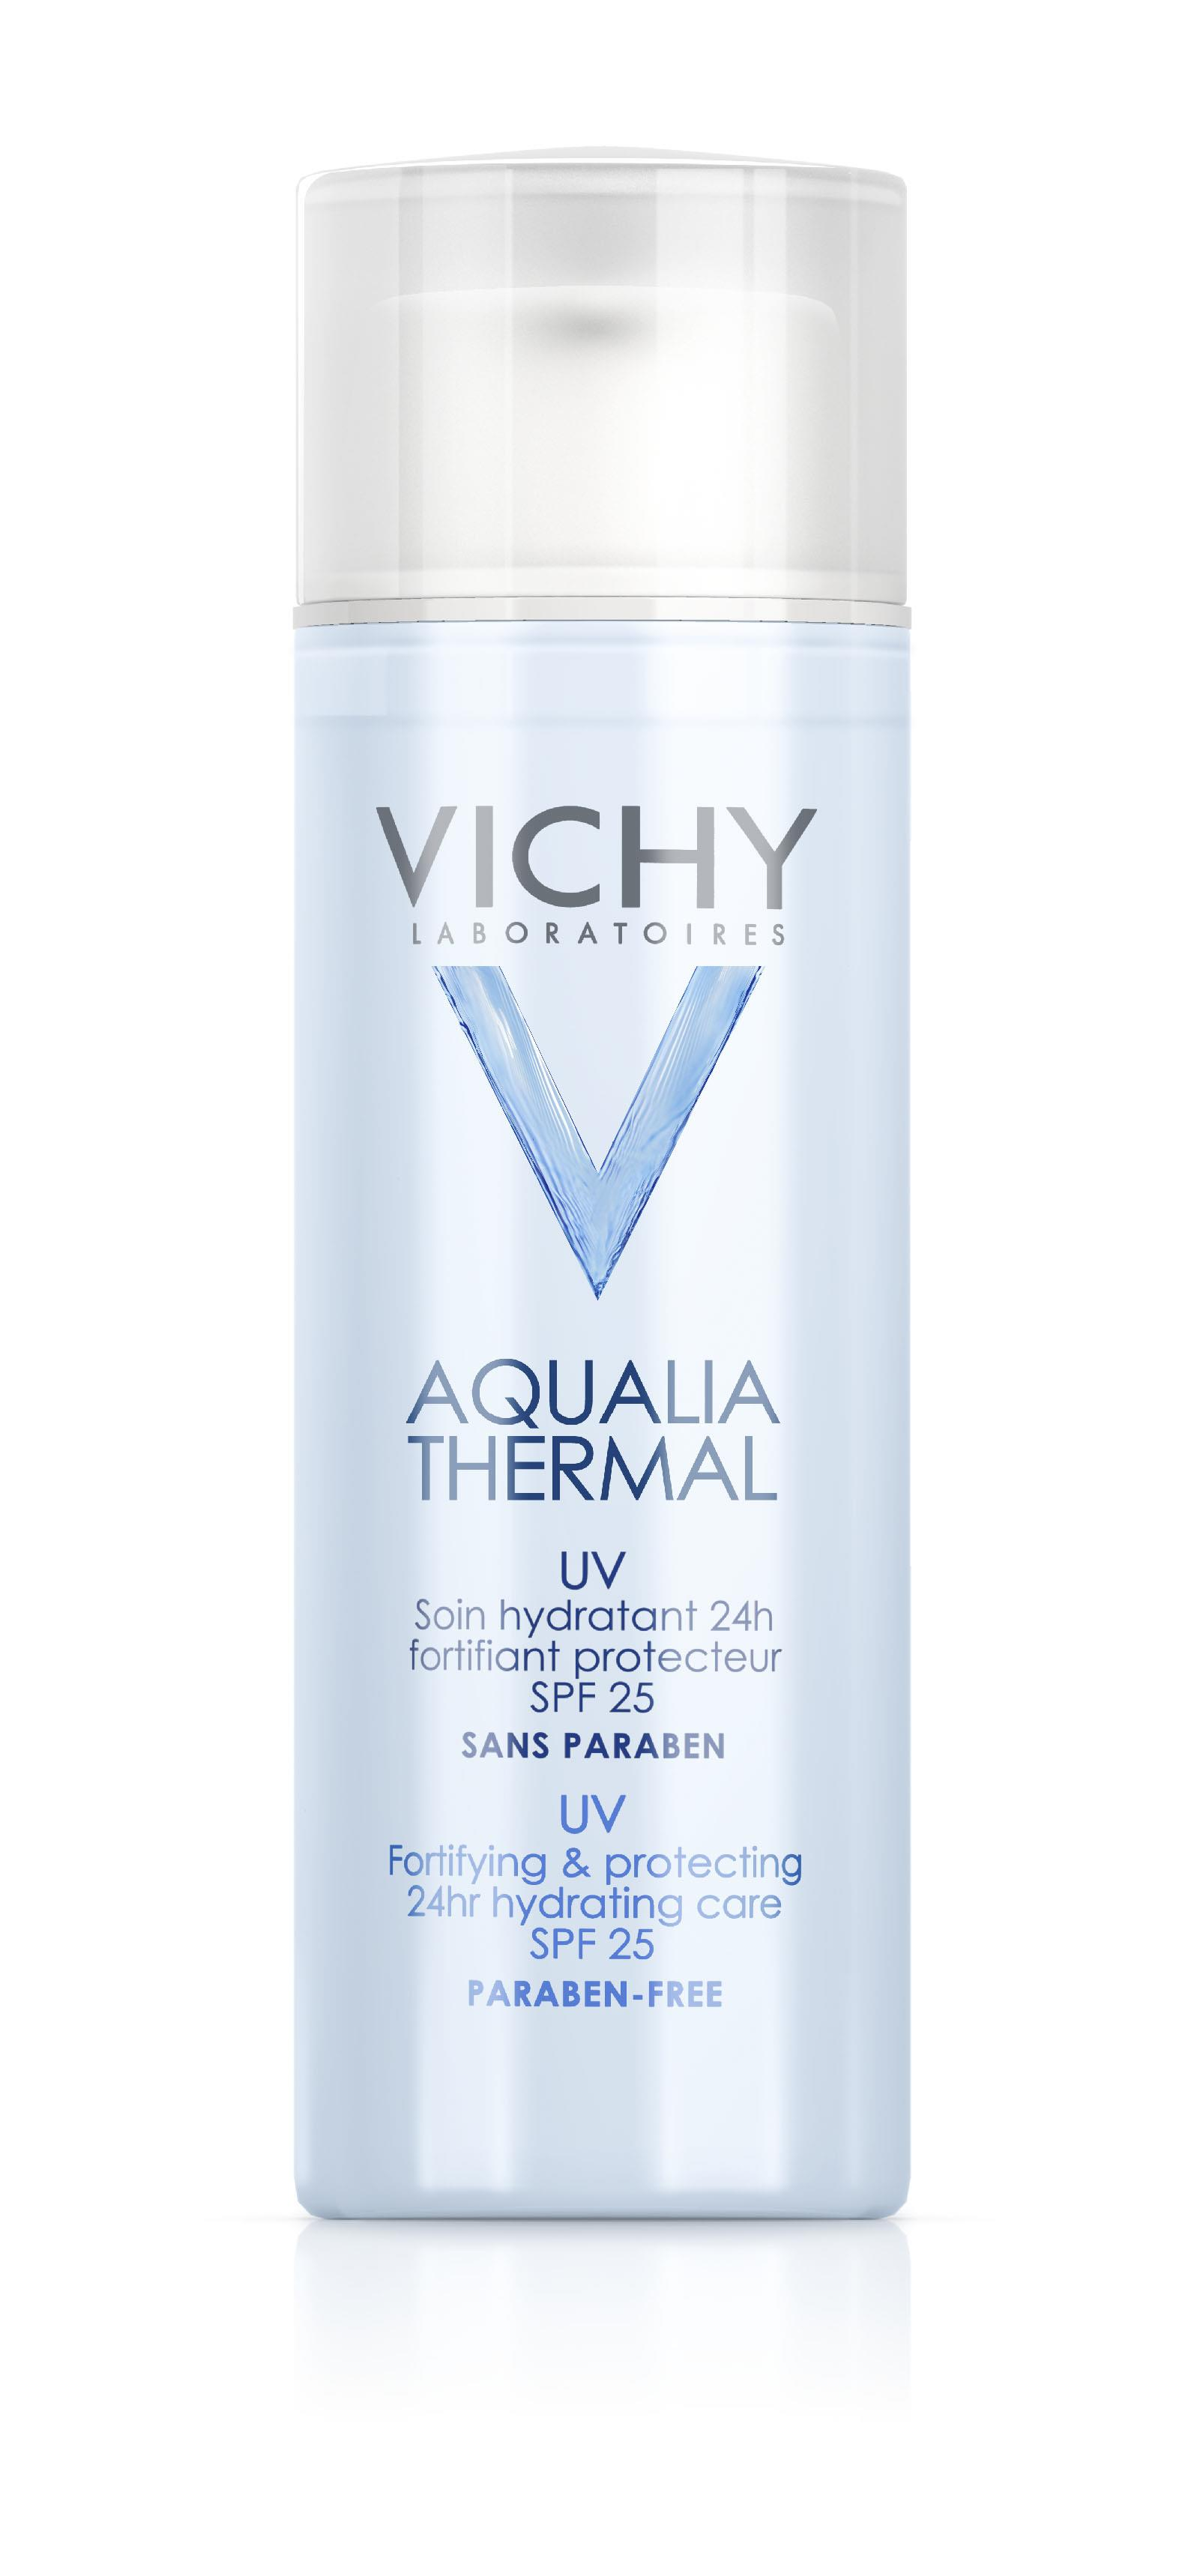 VICHY Aqualia Thermal UV